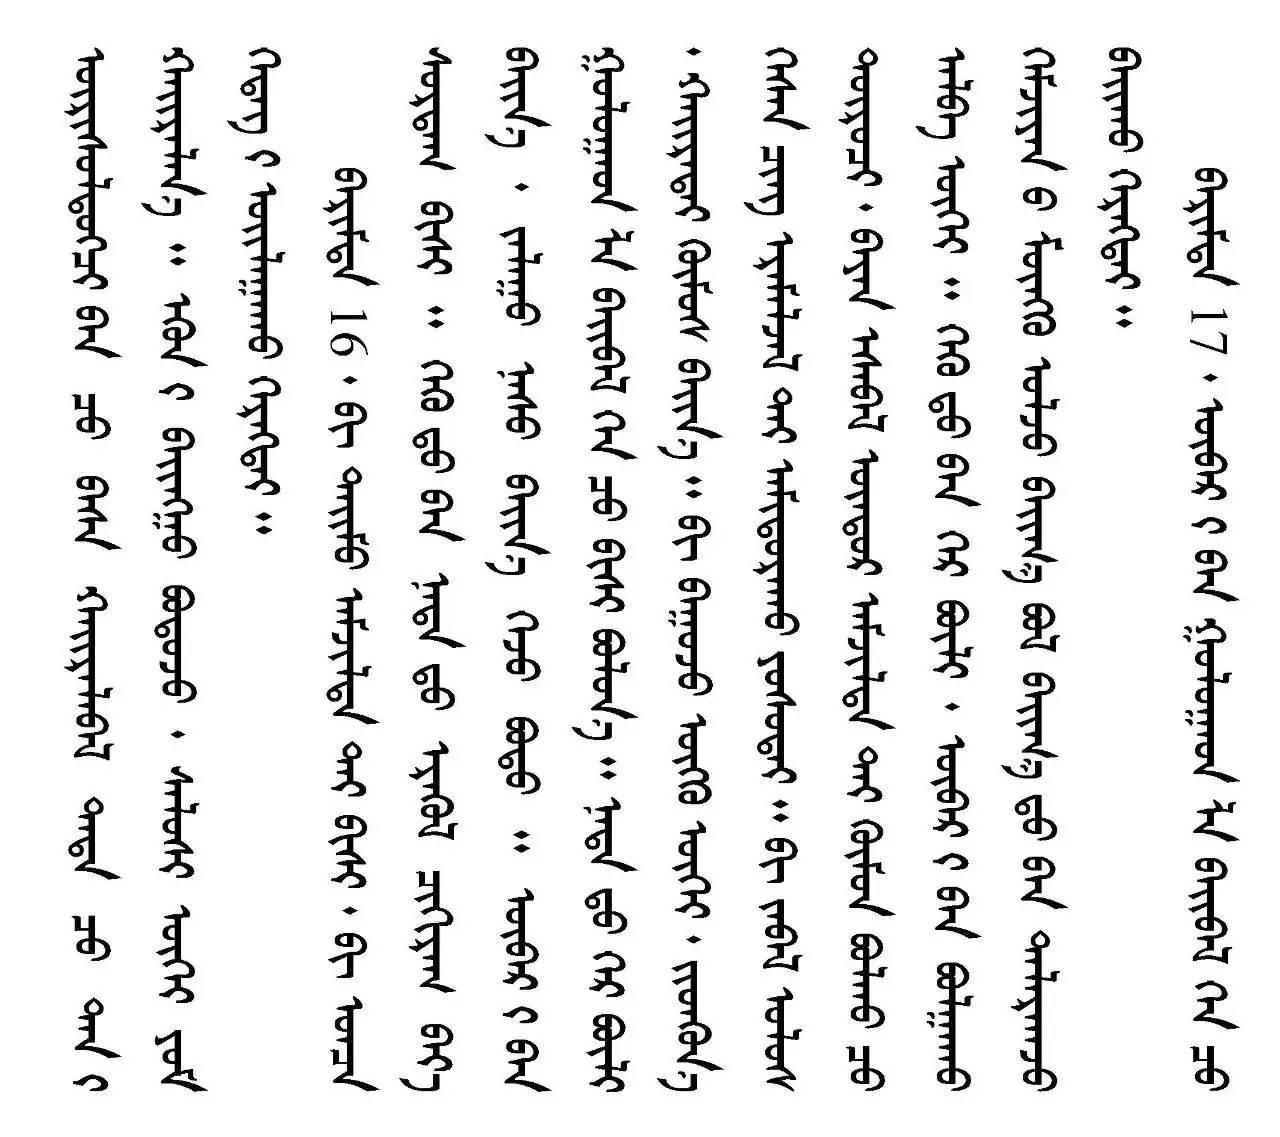 马云对蒙古国青年说什么了? 第8张 马云对蒙古国青年说什么了? 蒙古文化